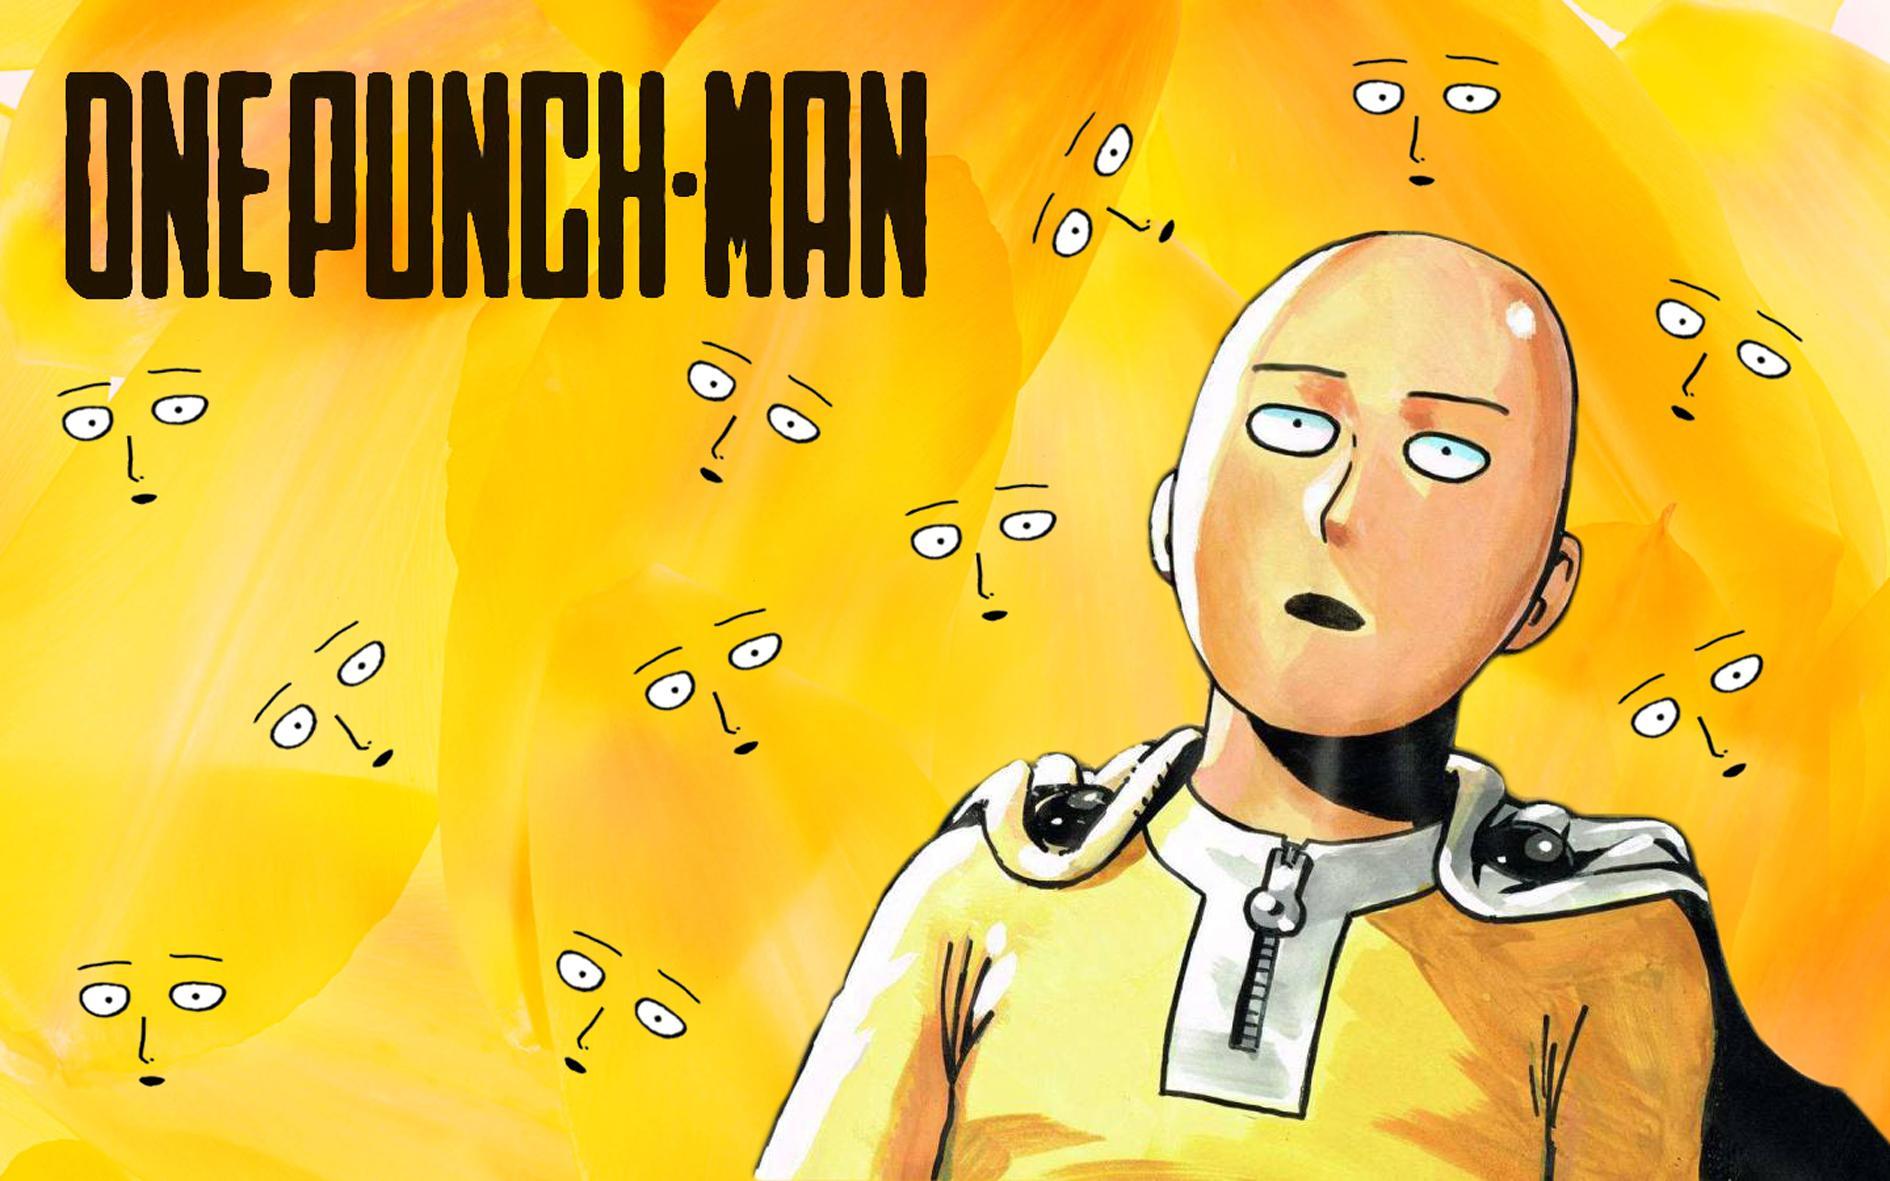 Primi minuti del terzo OVA di One Punch man